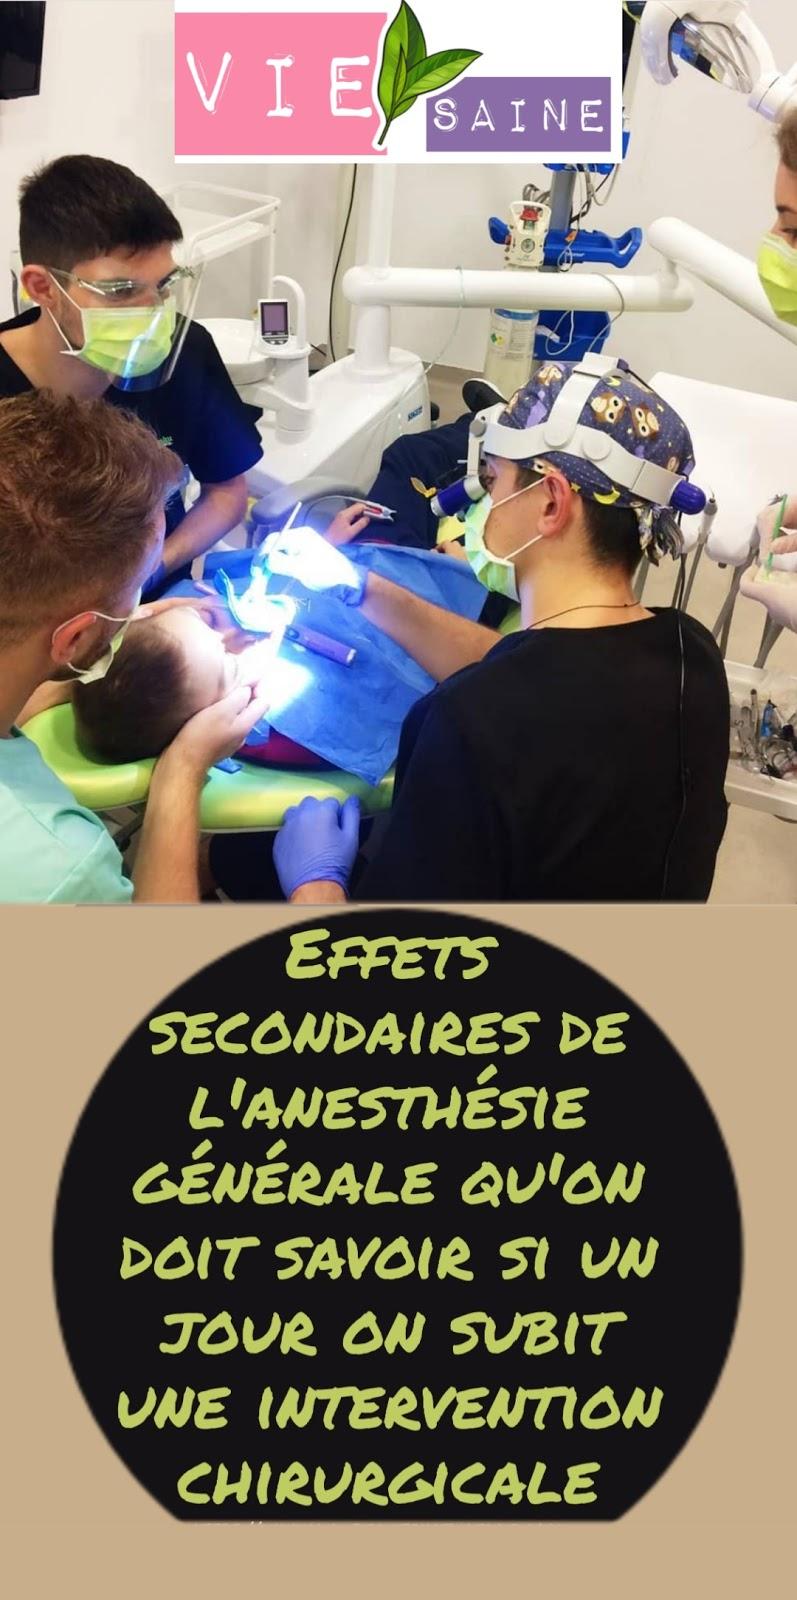 Effets secondaires de l'anesthésie générale qu'on doit savoir si un jour on subit une intervention chirurgicale